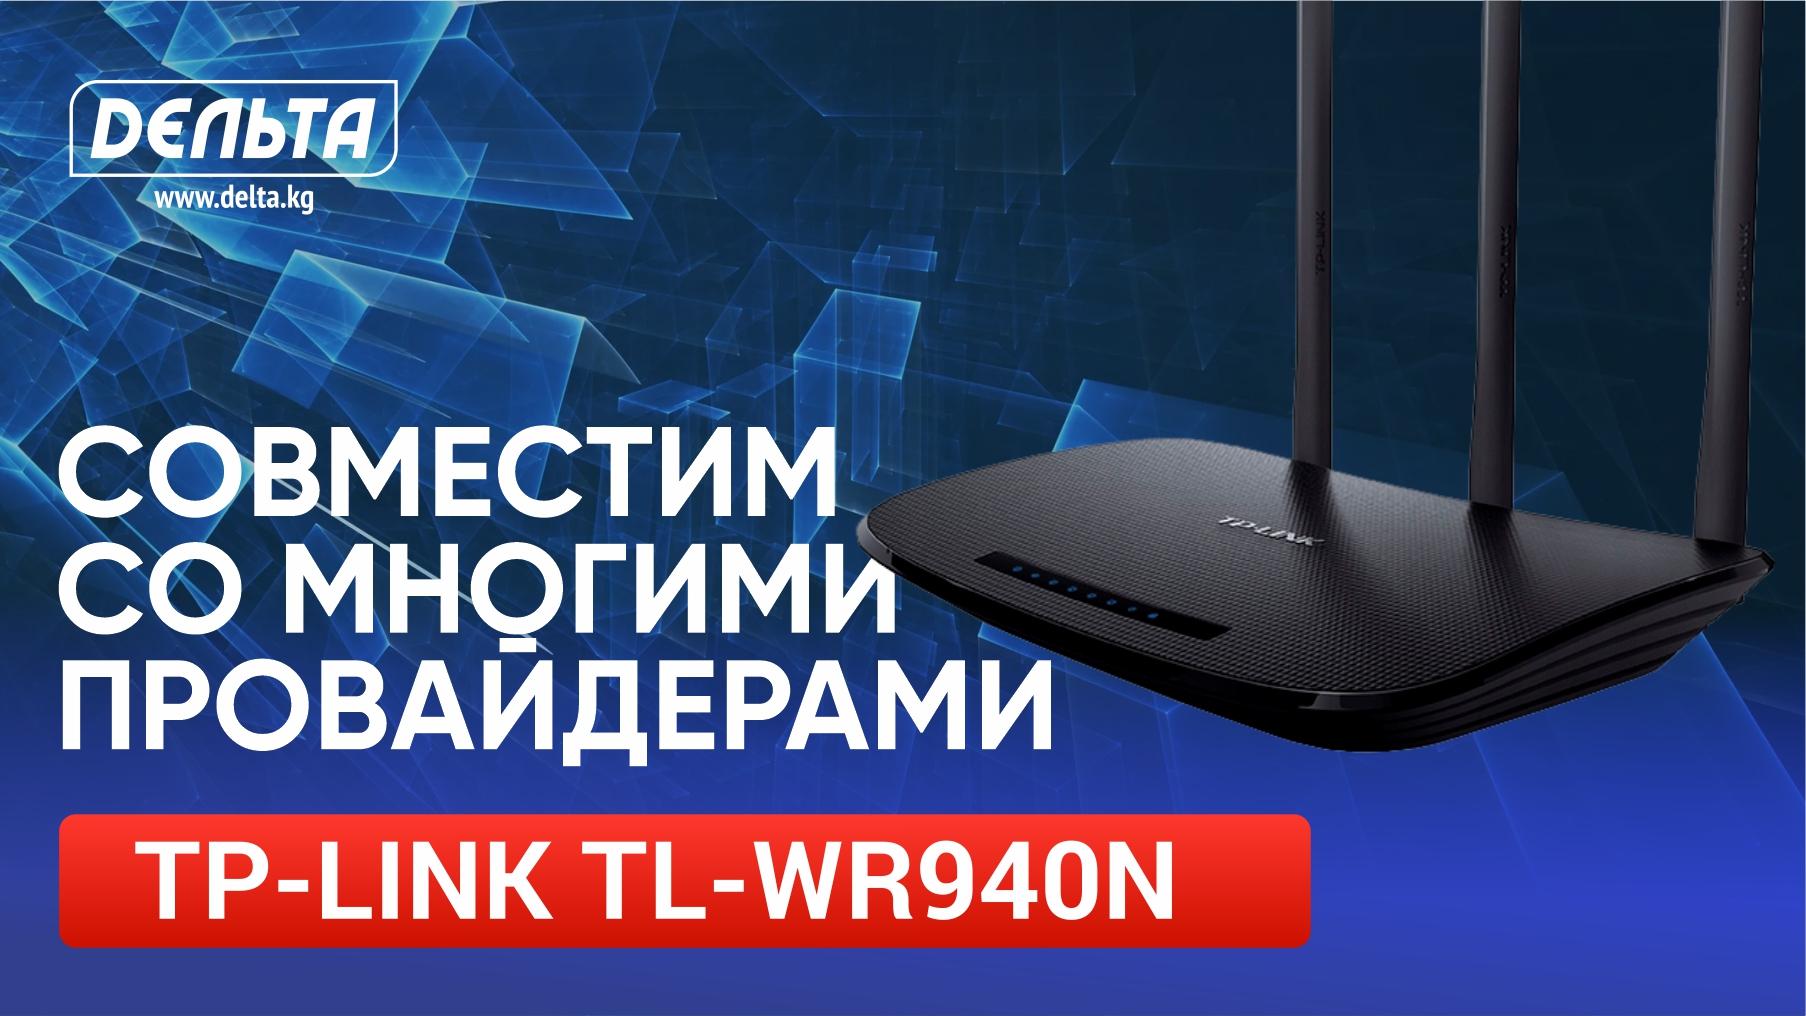 TL-WR940N 450M совместим со многими провайдерами